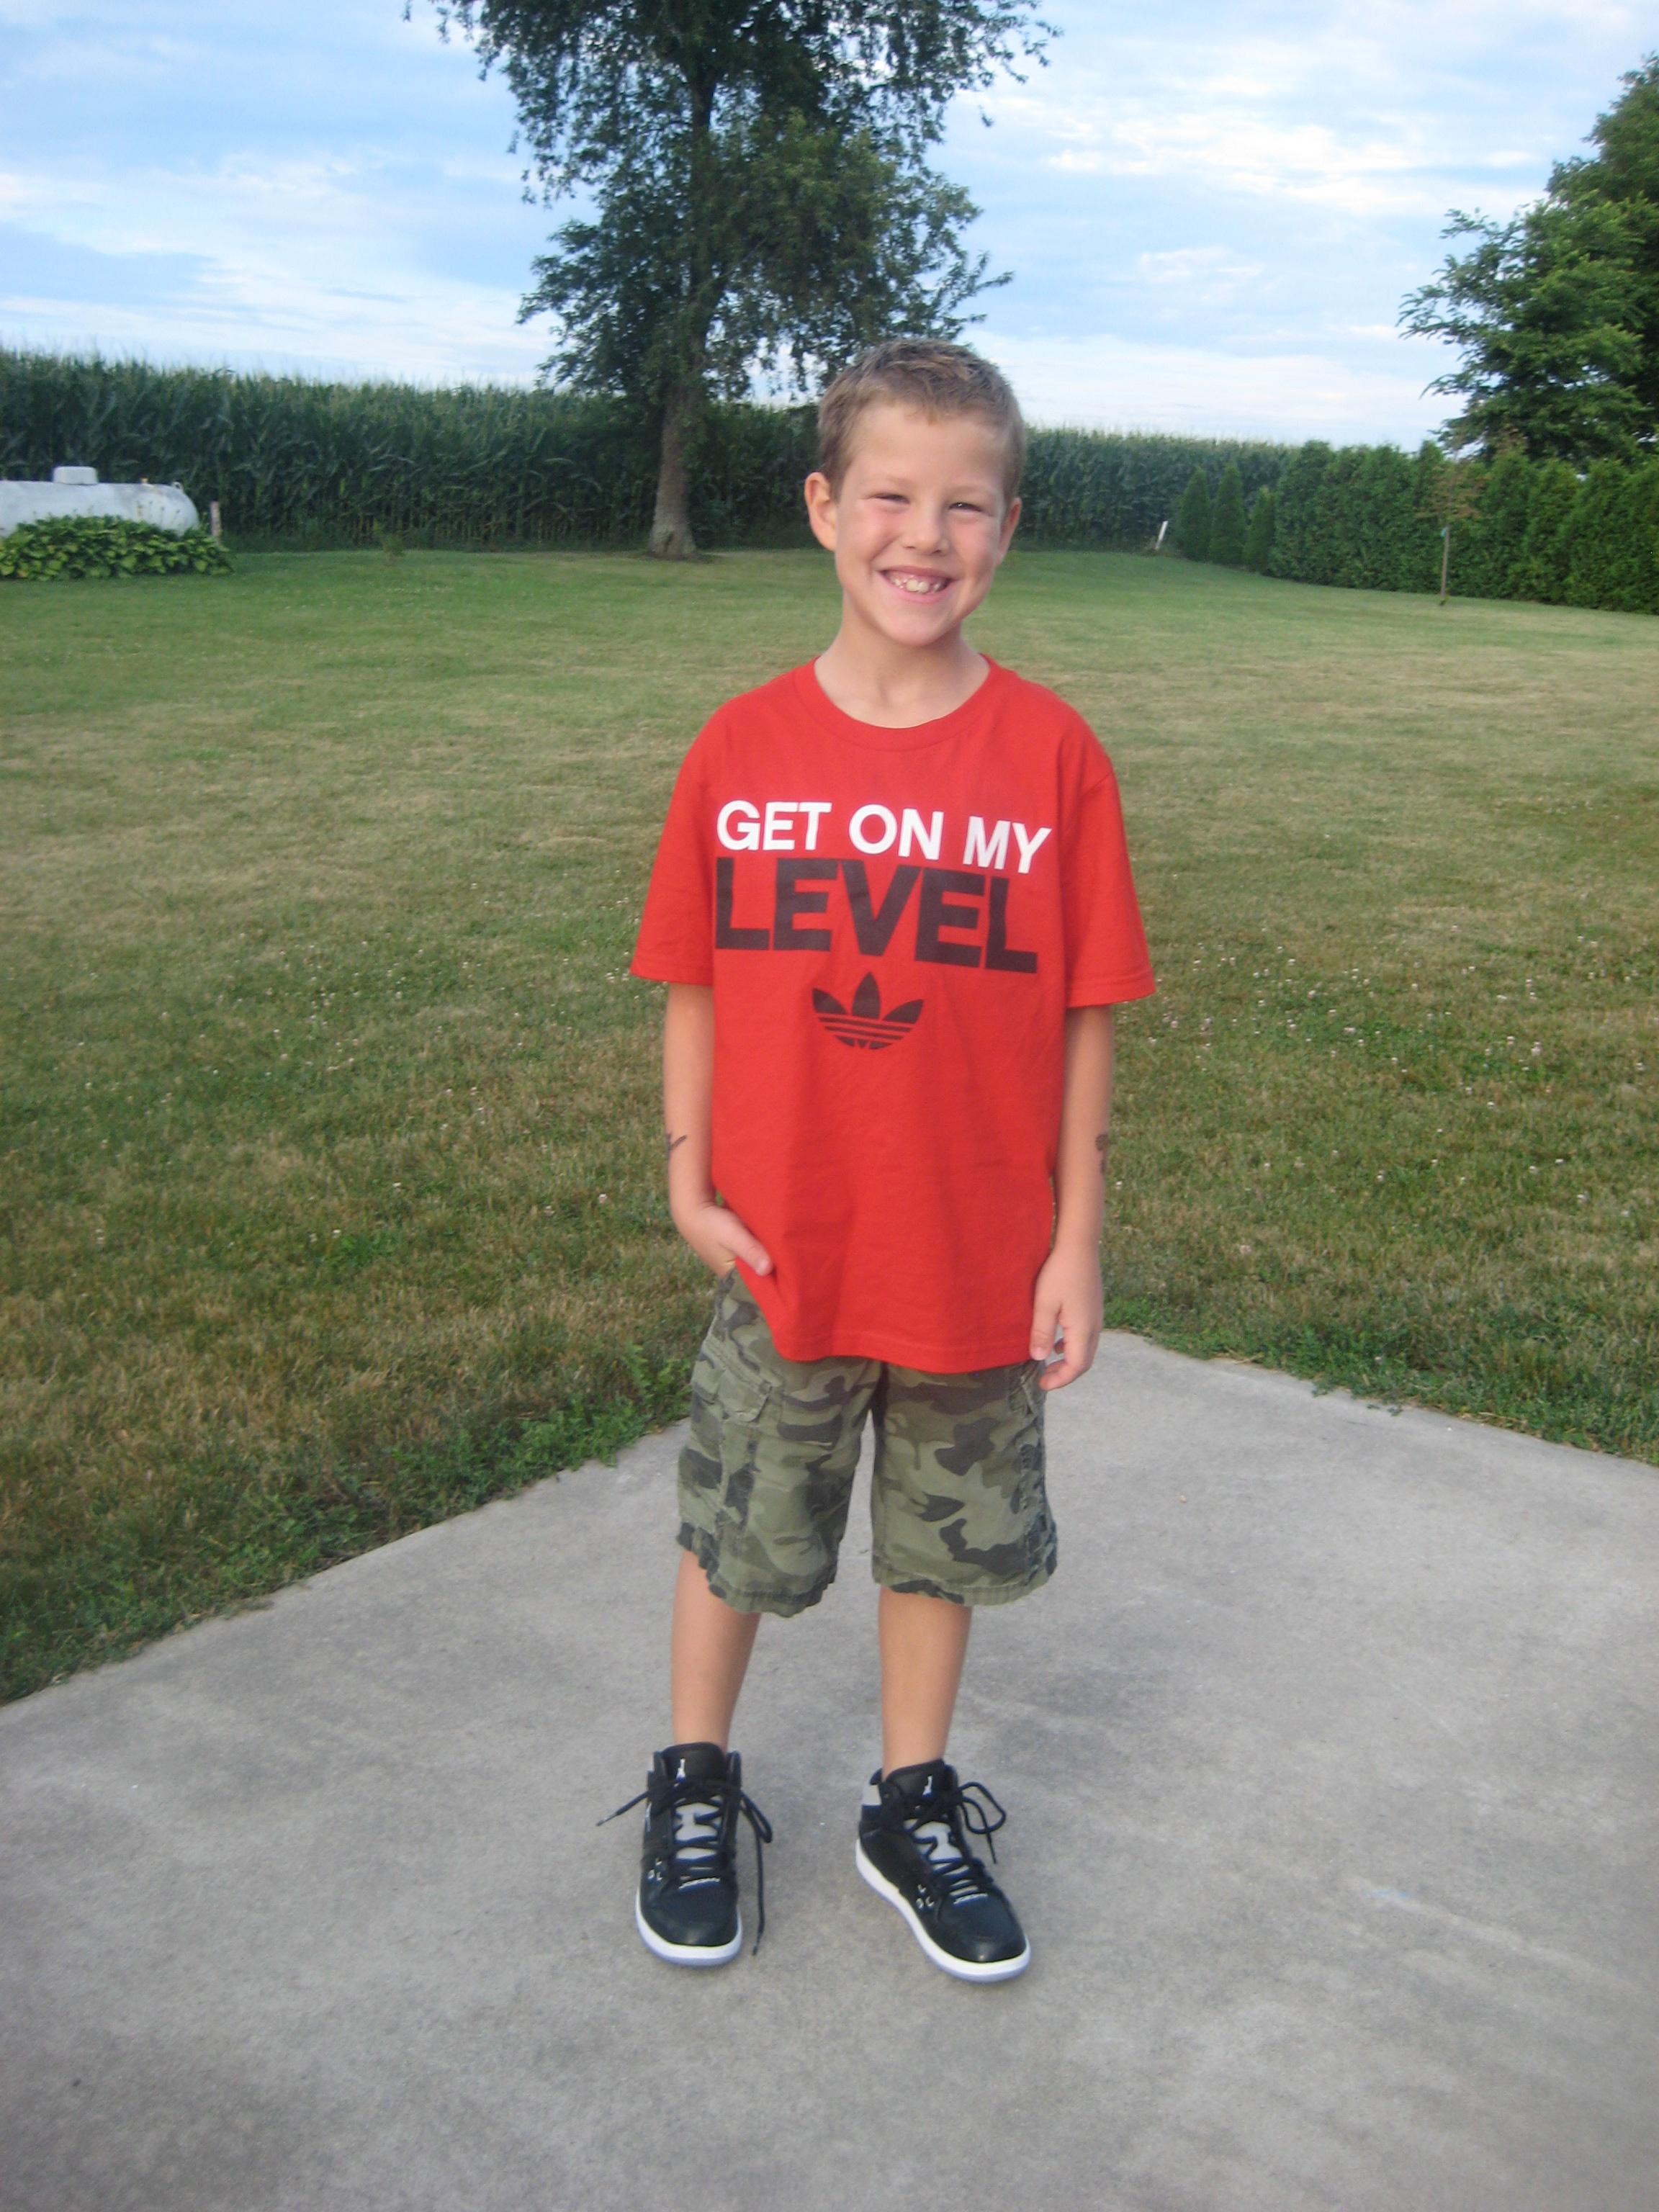 Back to School with Kids Foot Locker - momma in flip flops